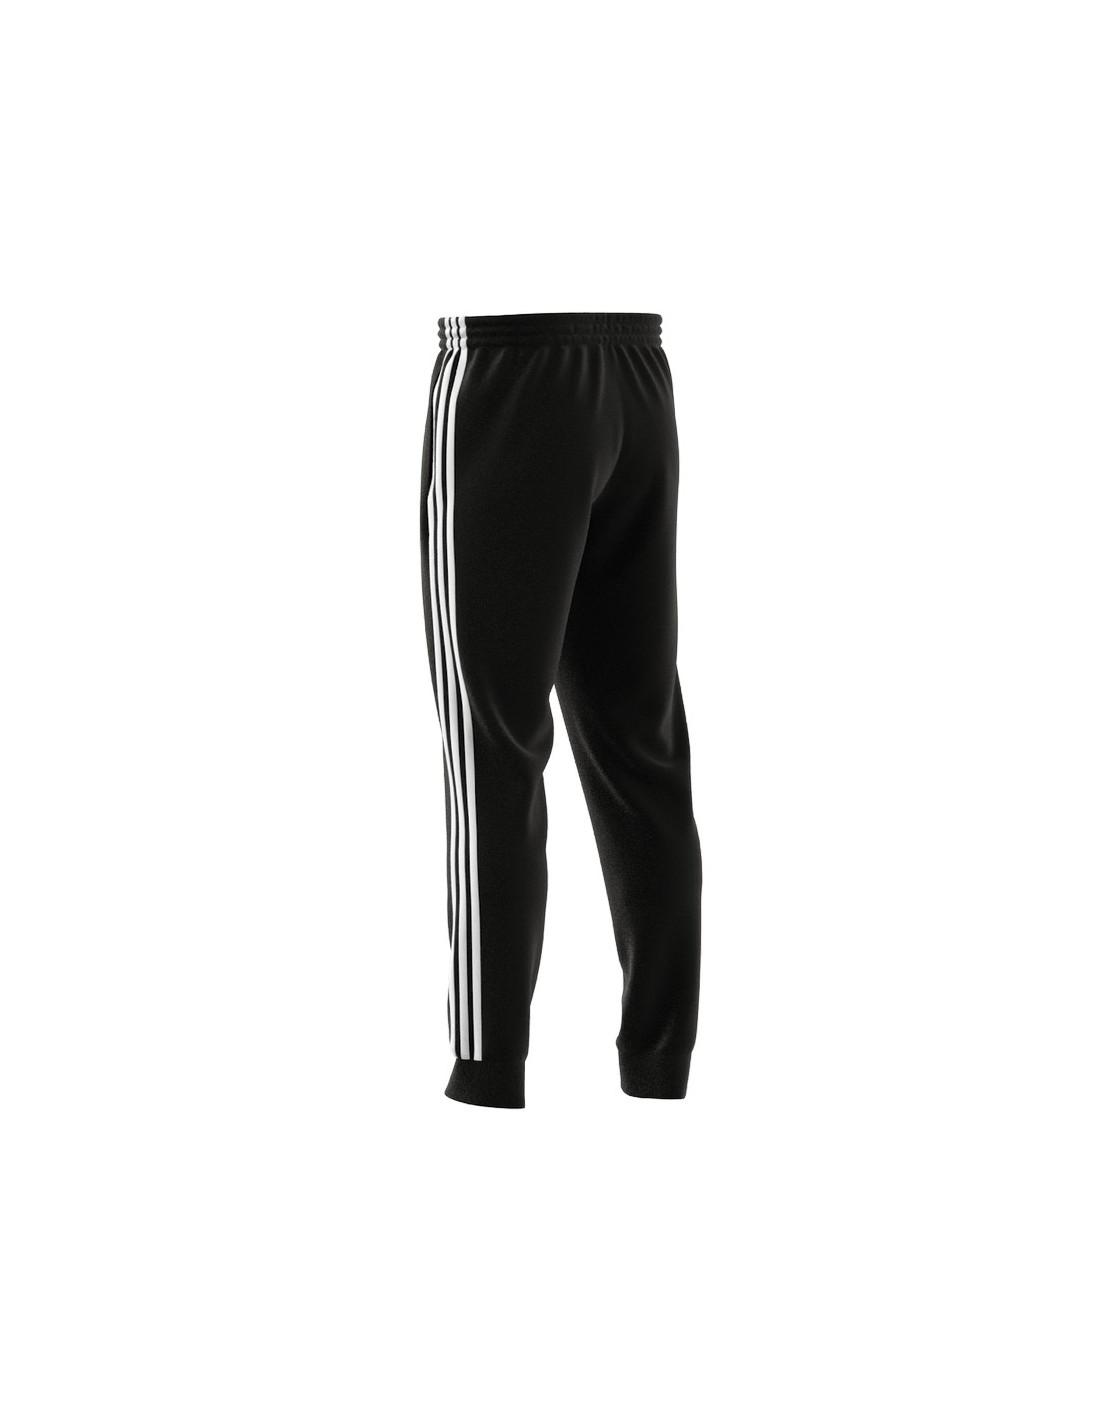 Camiseta FCBarcelona STADIUM 16-17 CLSC - TURINI 19df0134e62